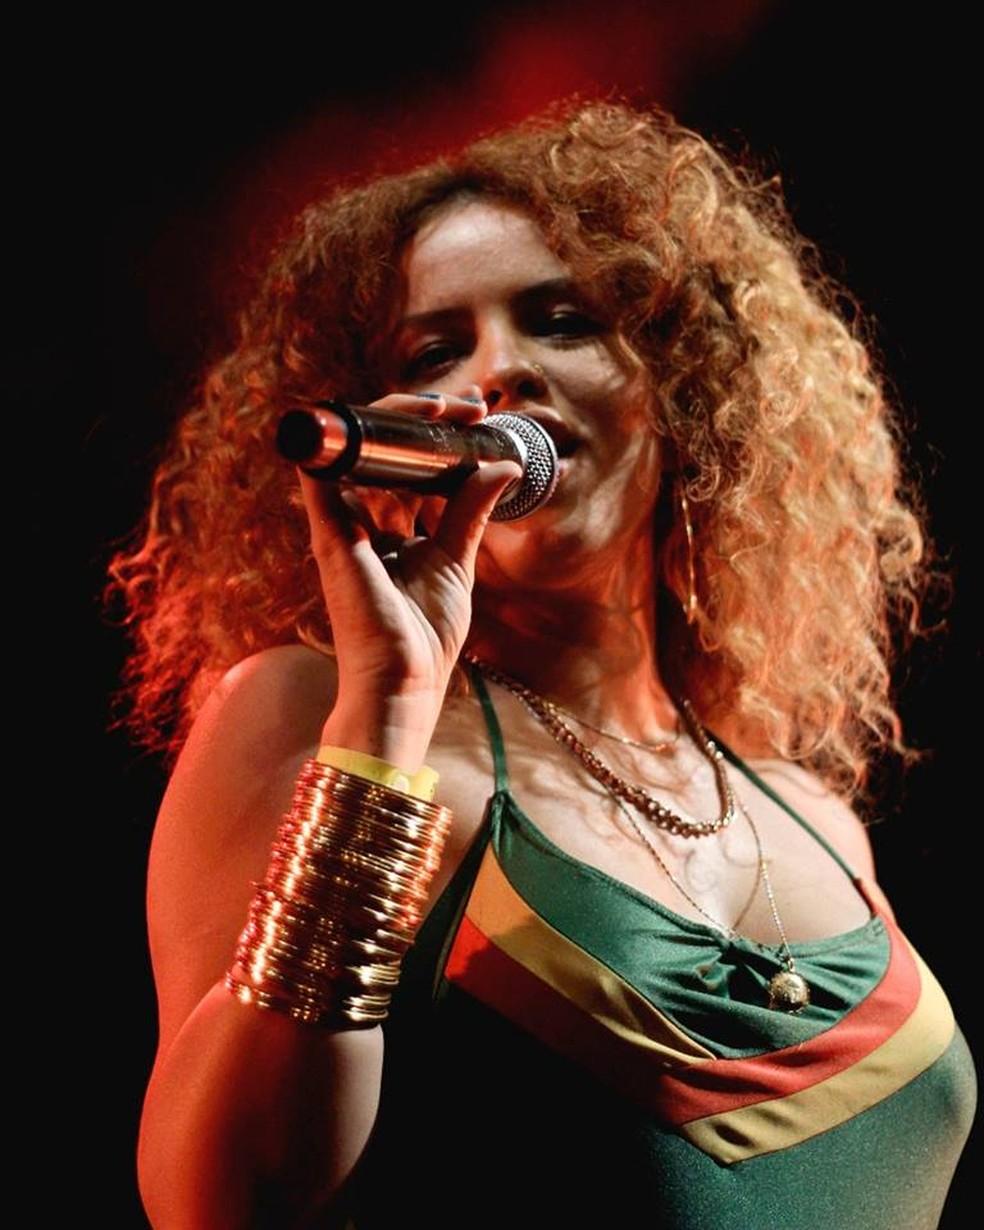 Cantora e compositora Luê Soares se apresenta em Sorocaba — Foto: Divulgação